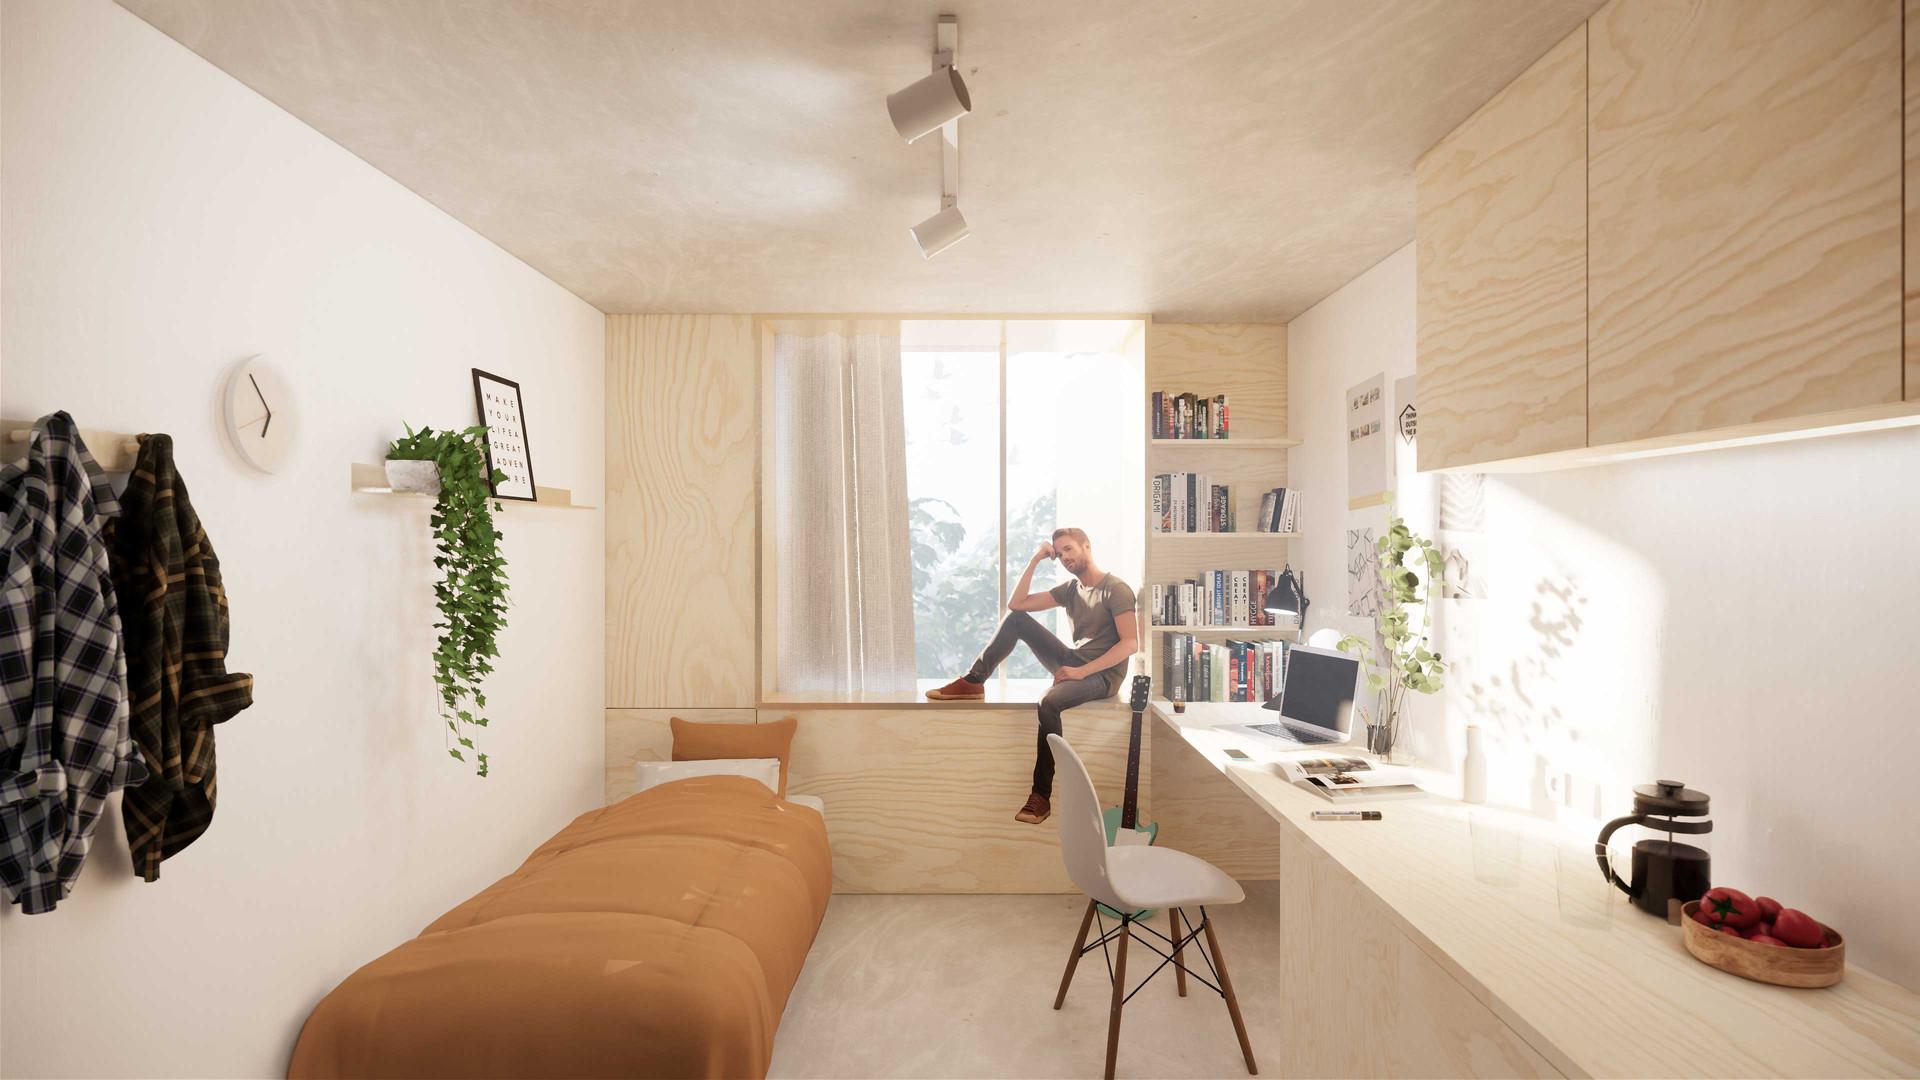 Intérieur-Chambrelight.jpg